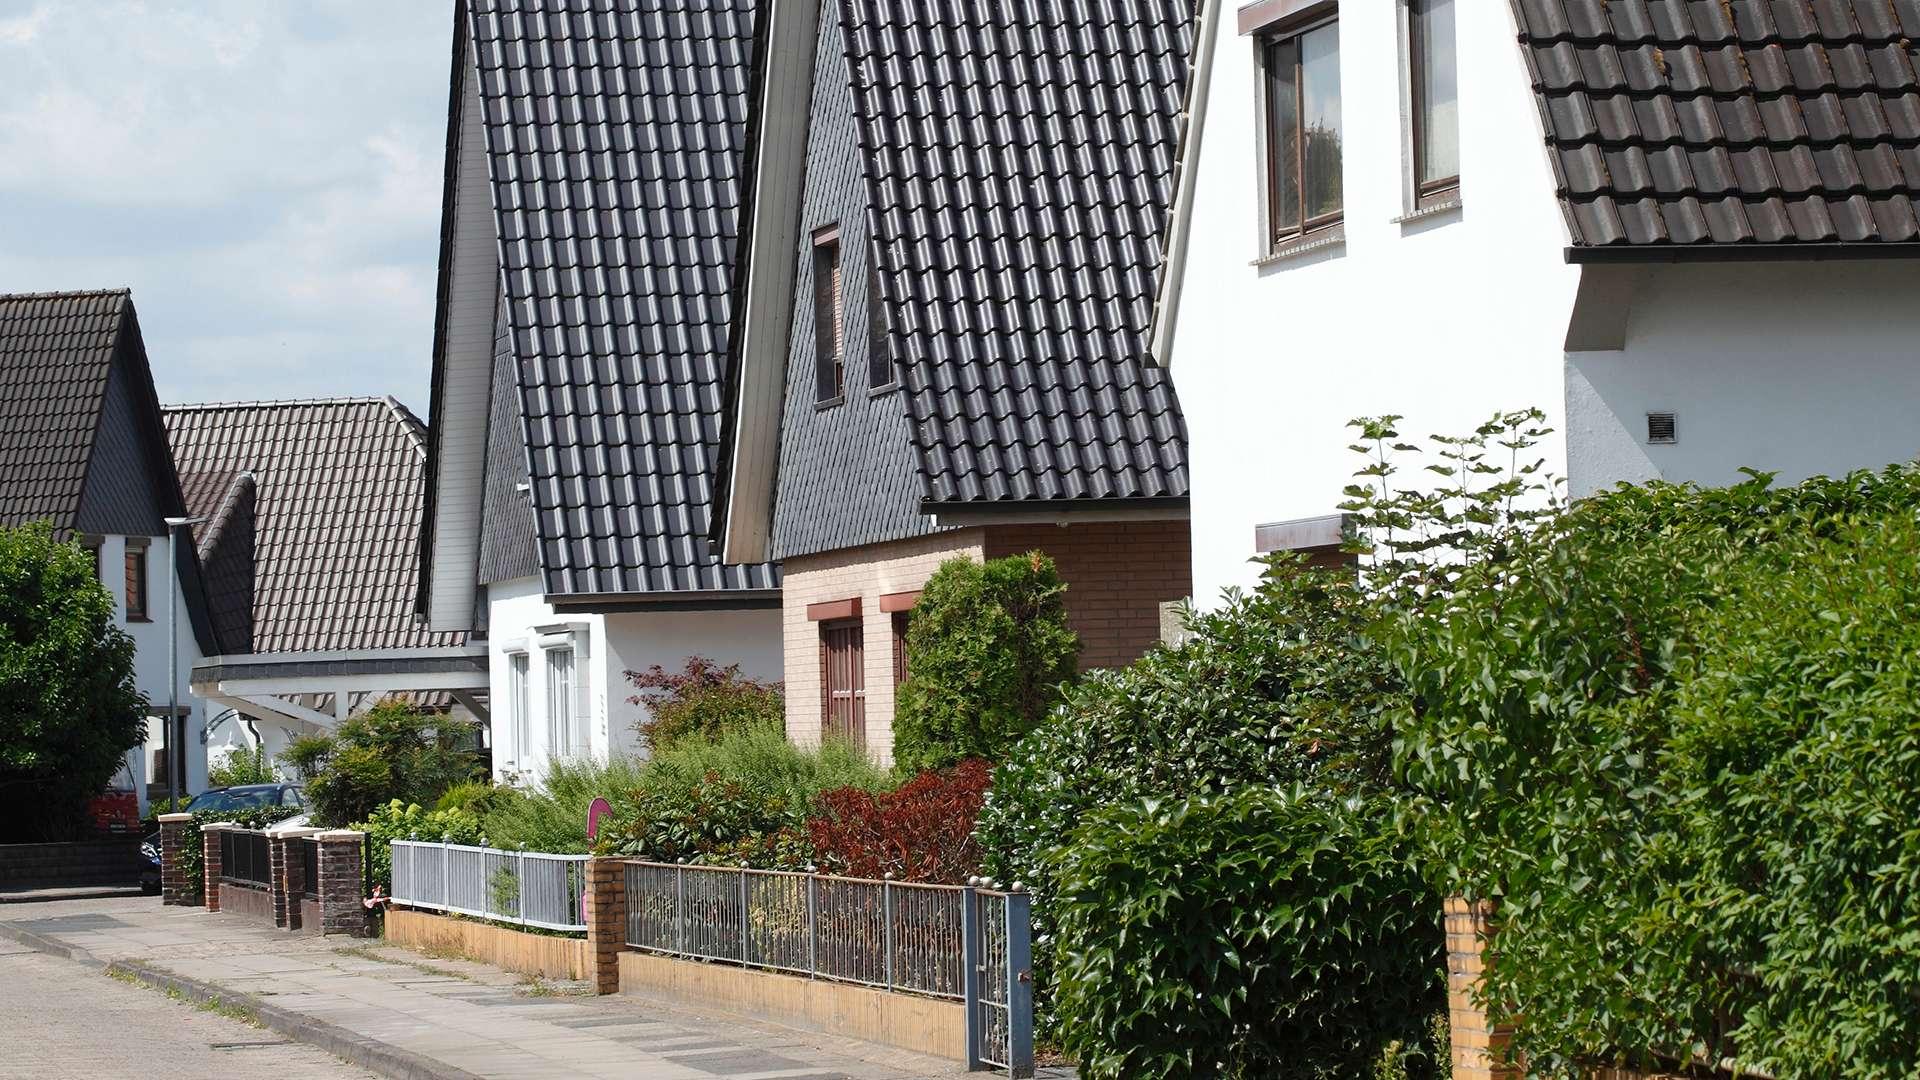 drei Wohnhäuser an einer Straße in Verden